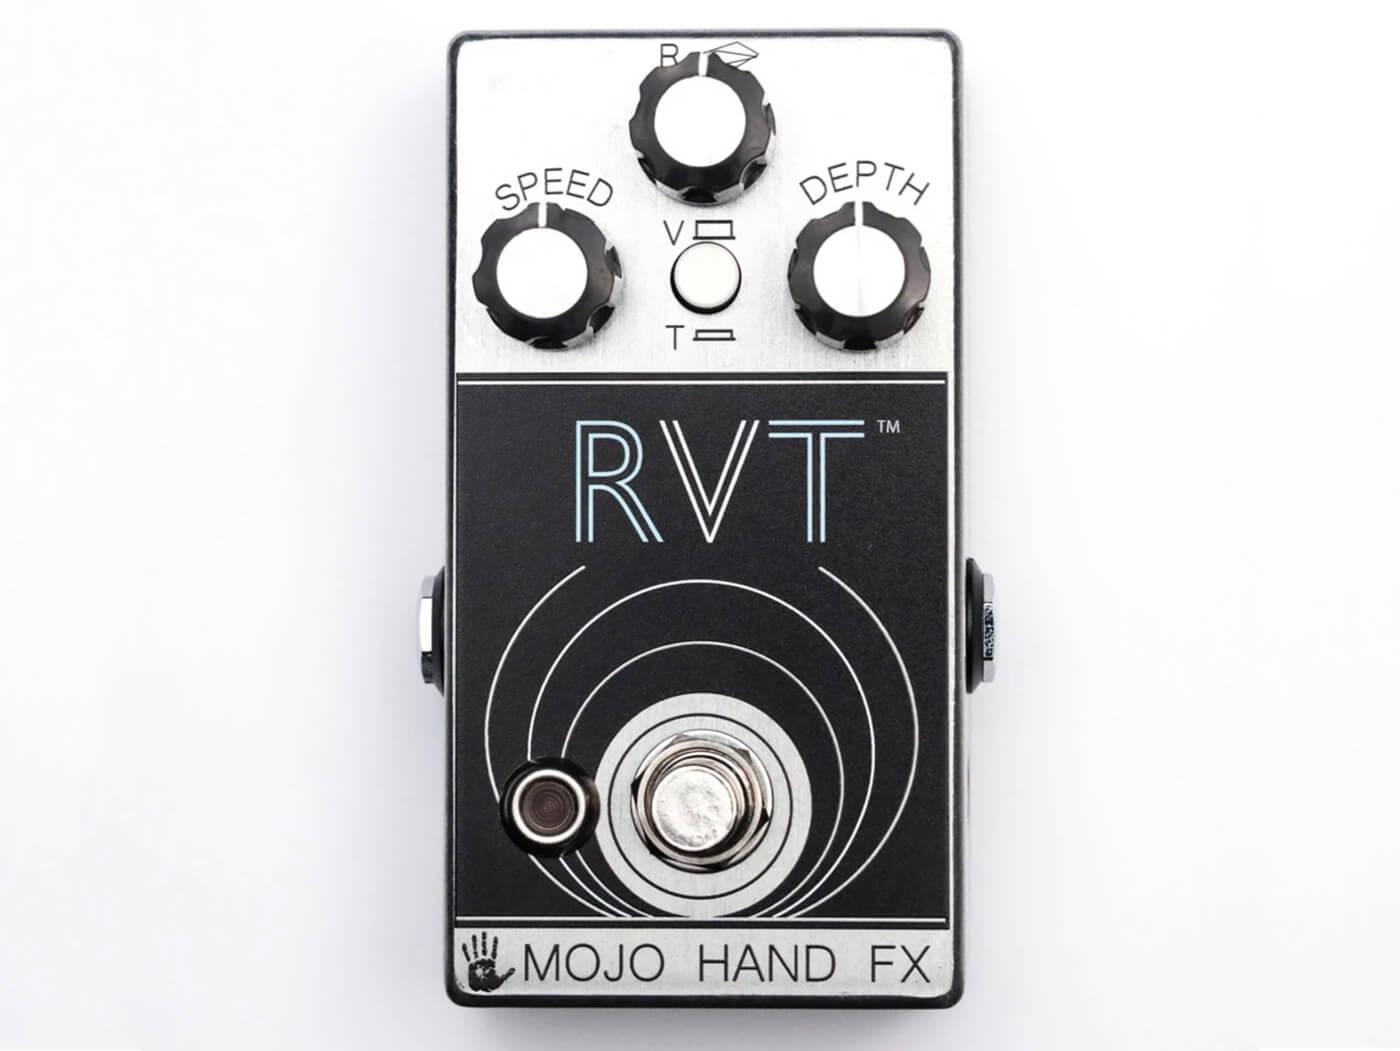 Mojo Hand FX RVT